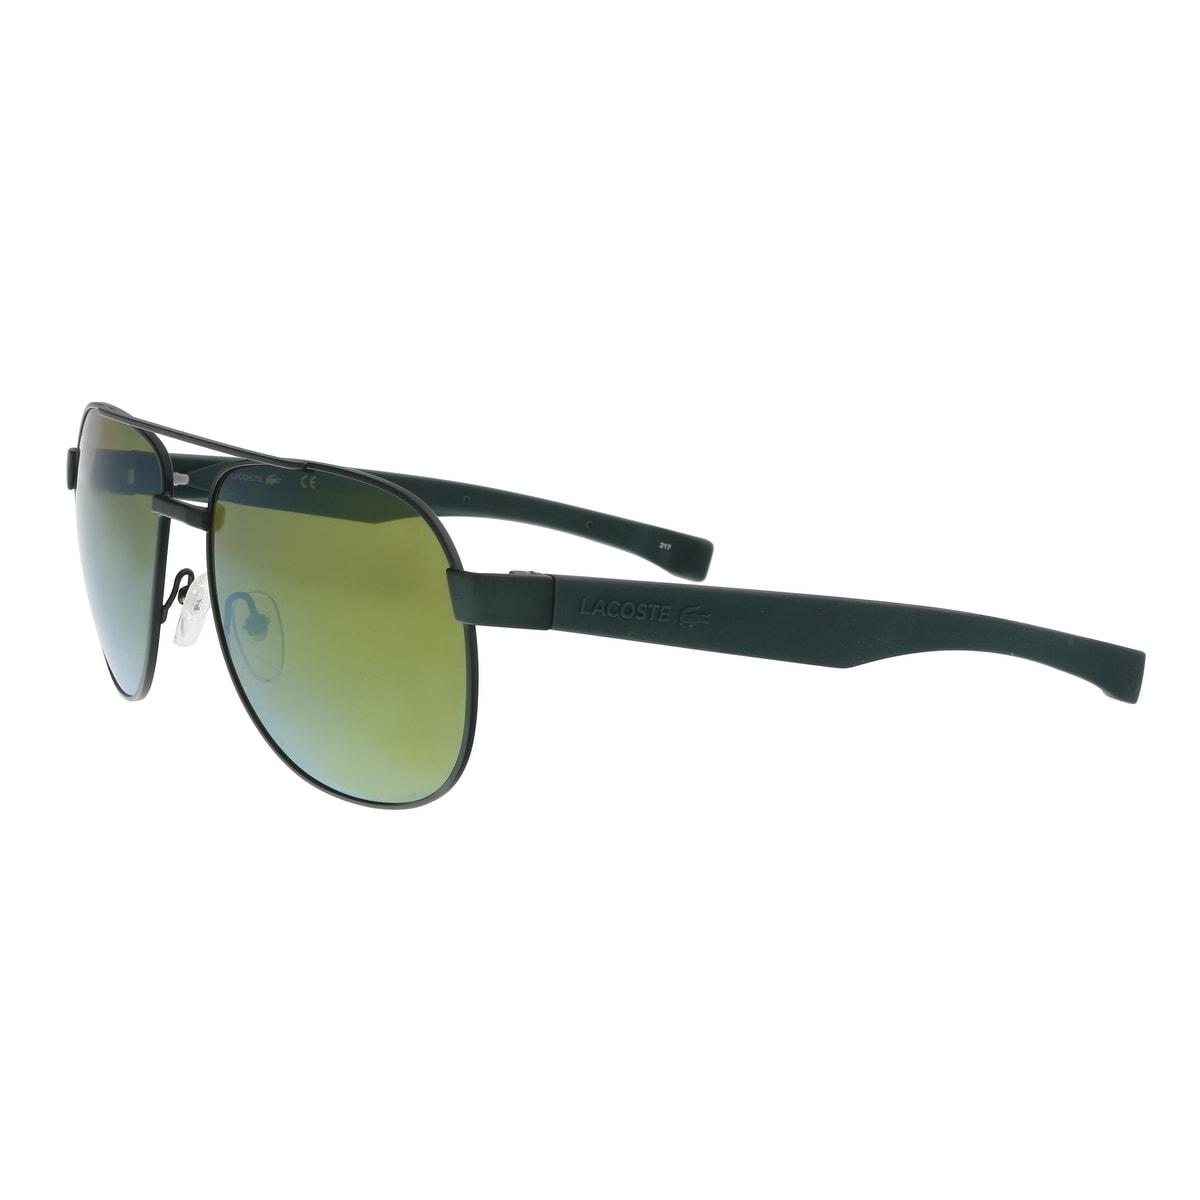 517669480a9 Lacoste Sunglasses